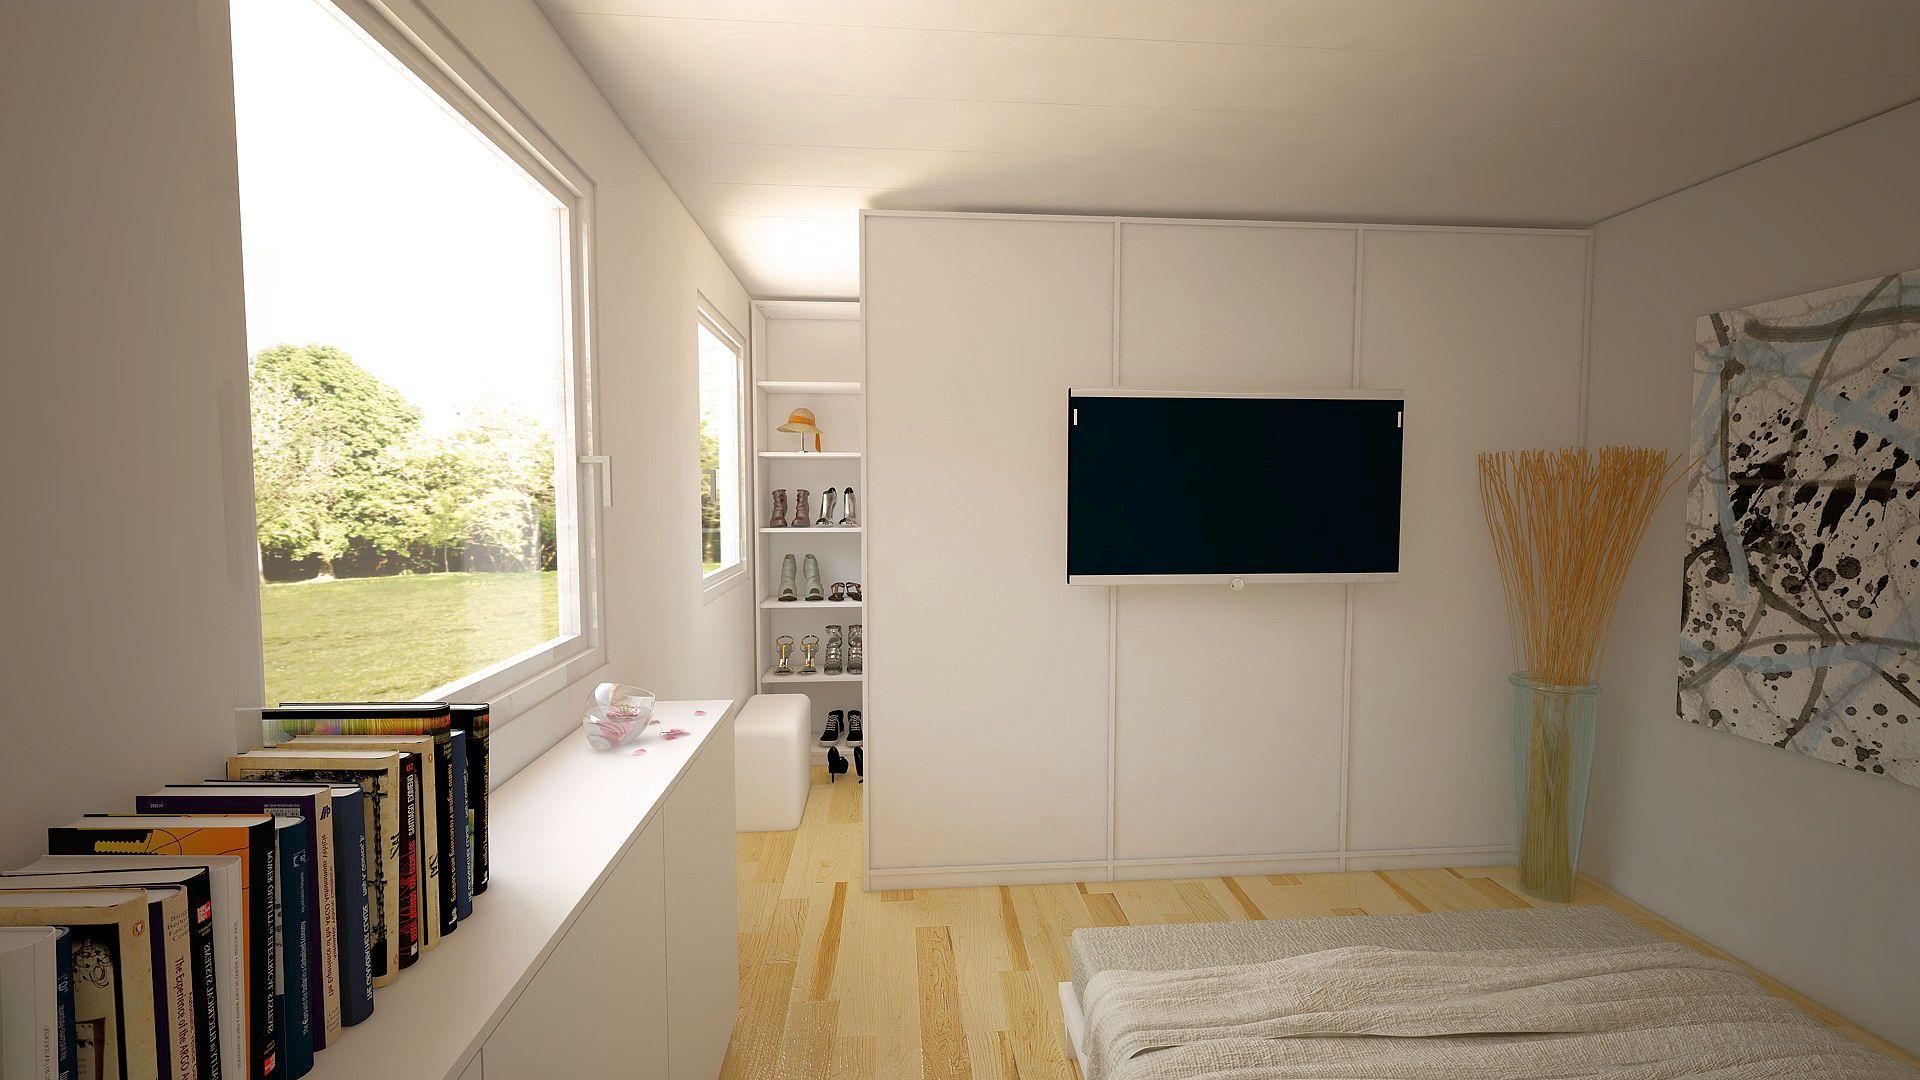 begehbarer kleiderschrank in schlafzimmer mit der richtigen planung bereits ab einer gr e von. Black Bedroom Furniture Sets. Home Design Ideas